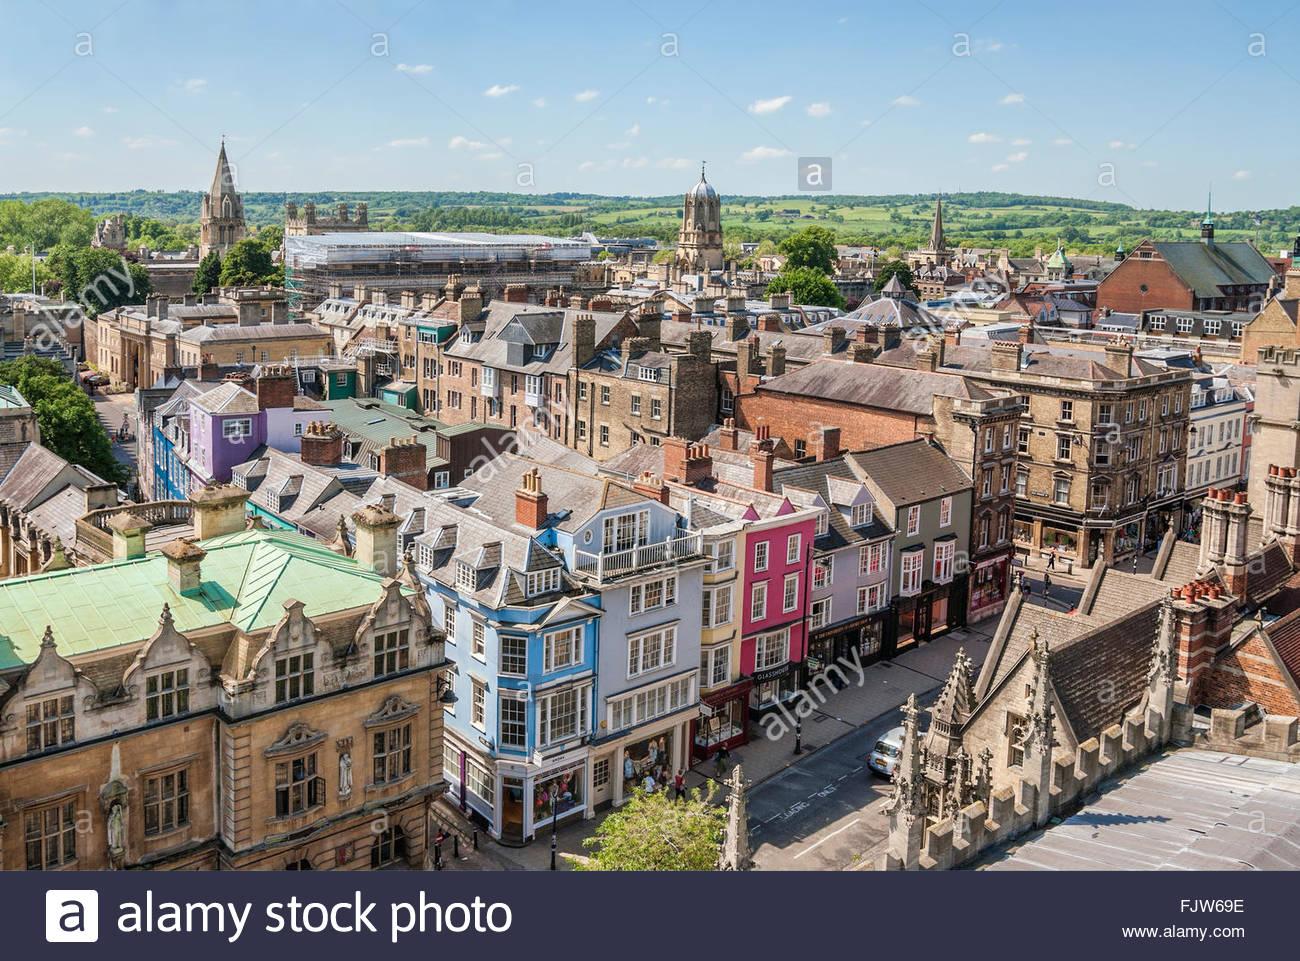 Skyline medievale della città universitaria di Oxford in Inghilterra.   Aussicht ueber die Altstadt von Oxford, Immagini Stock